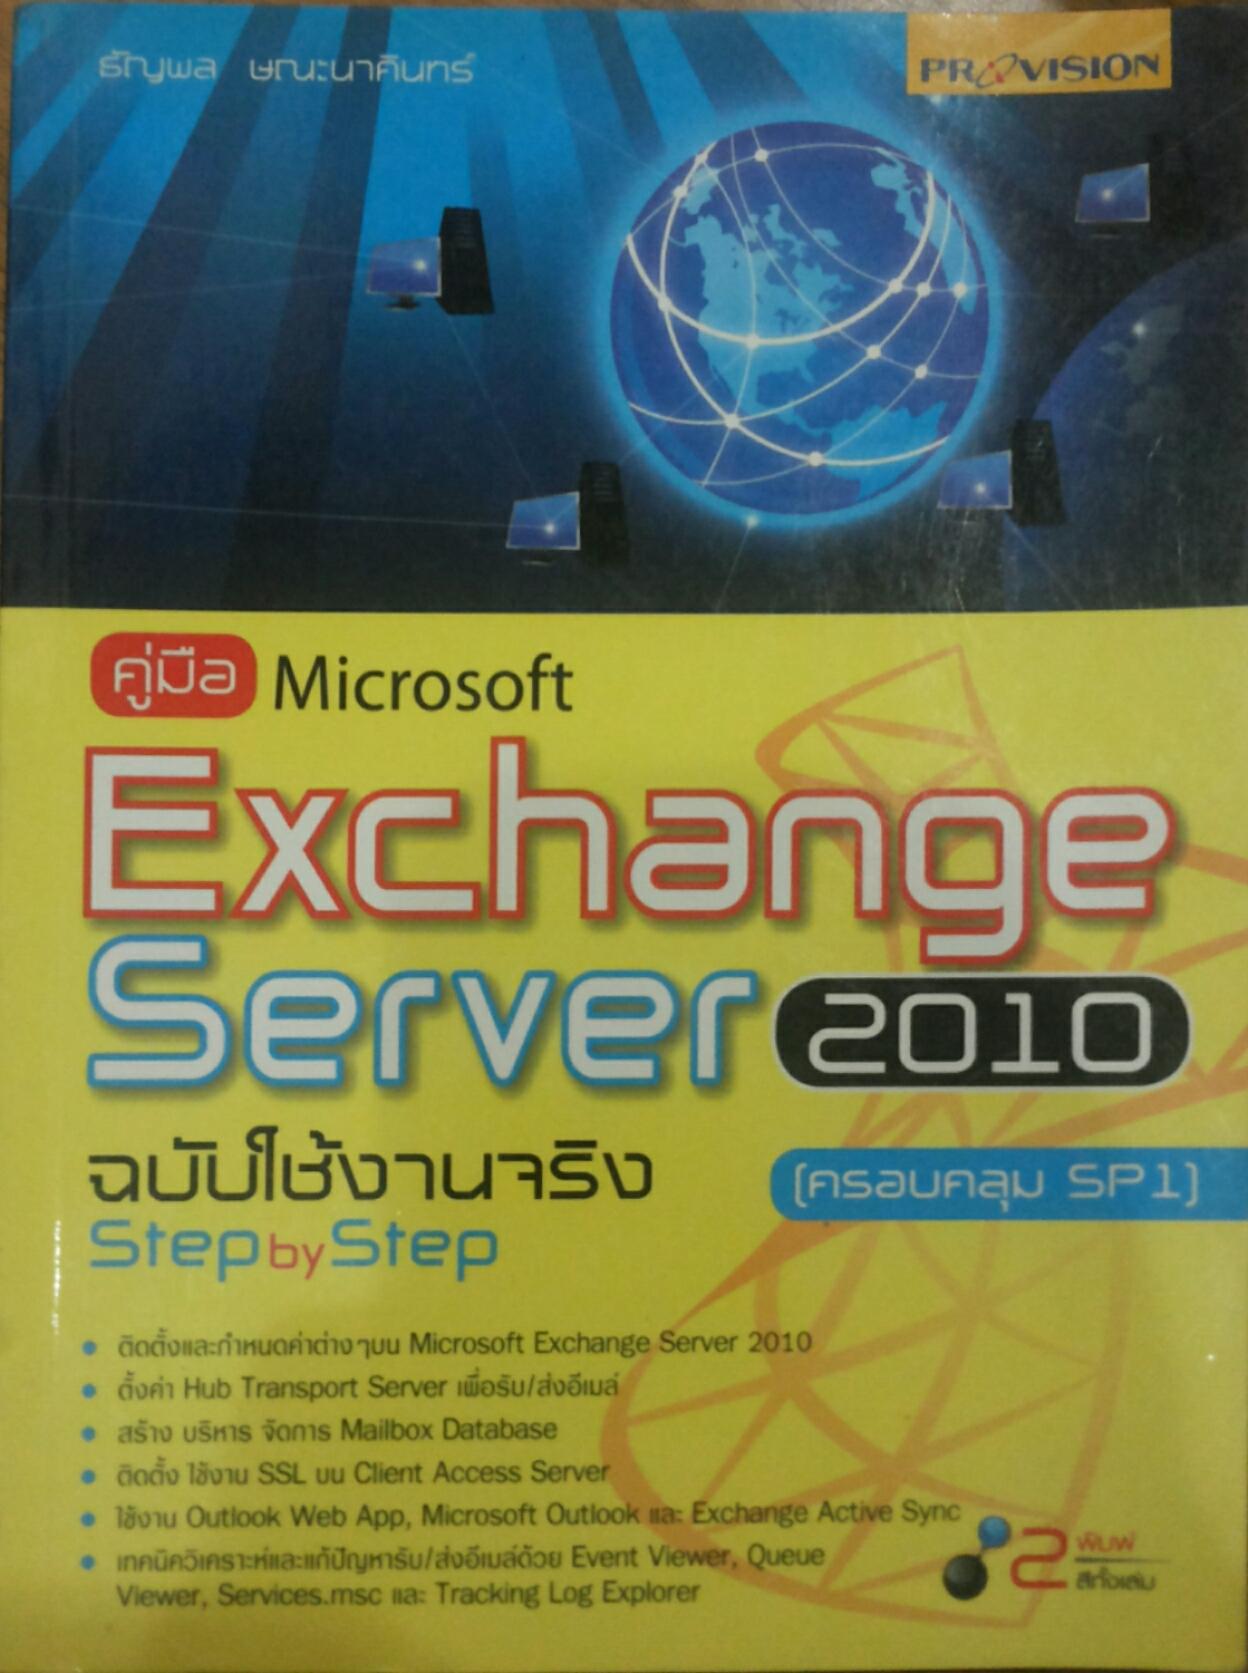 คู่มือ Microsoft Exchange Server 2010 ฉบับใช้งานจริง